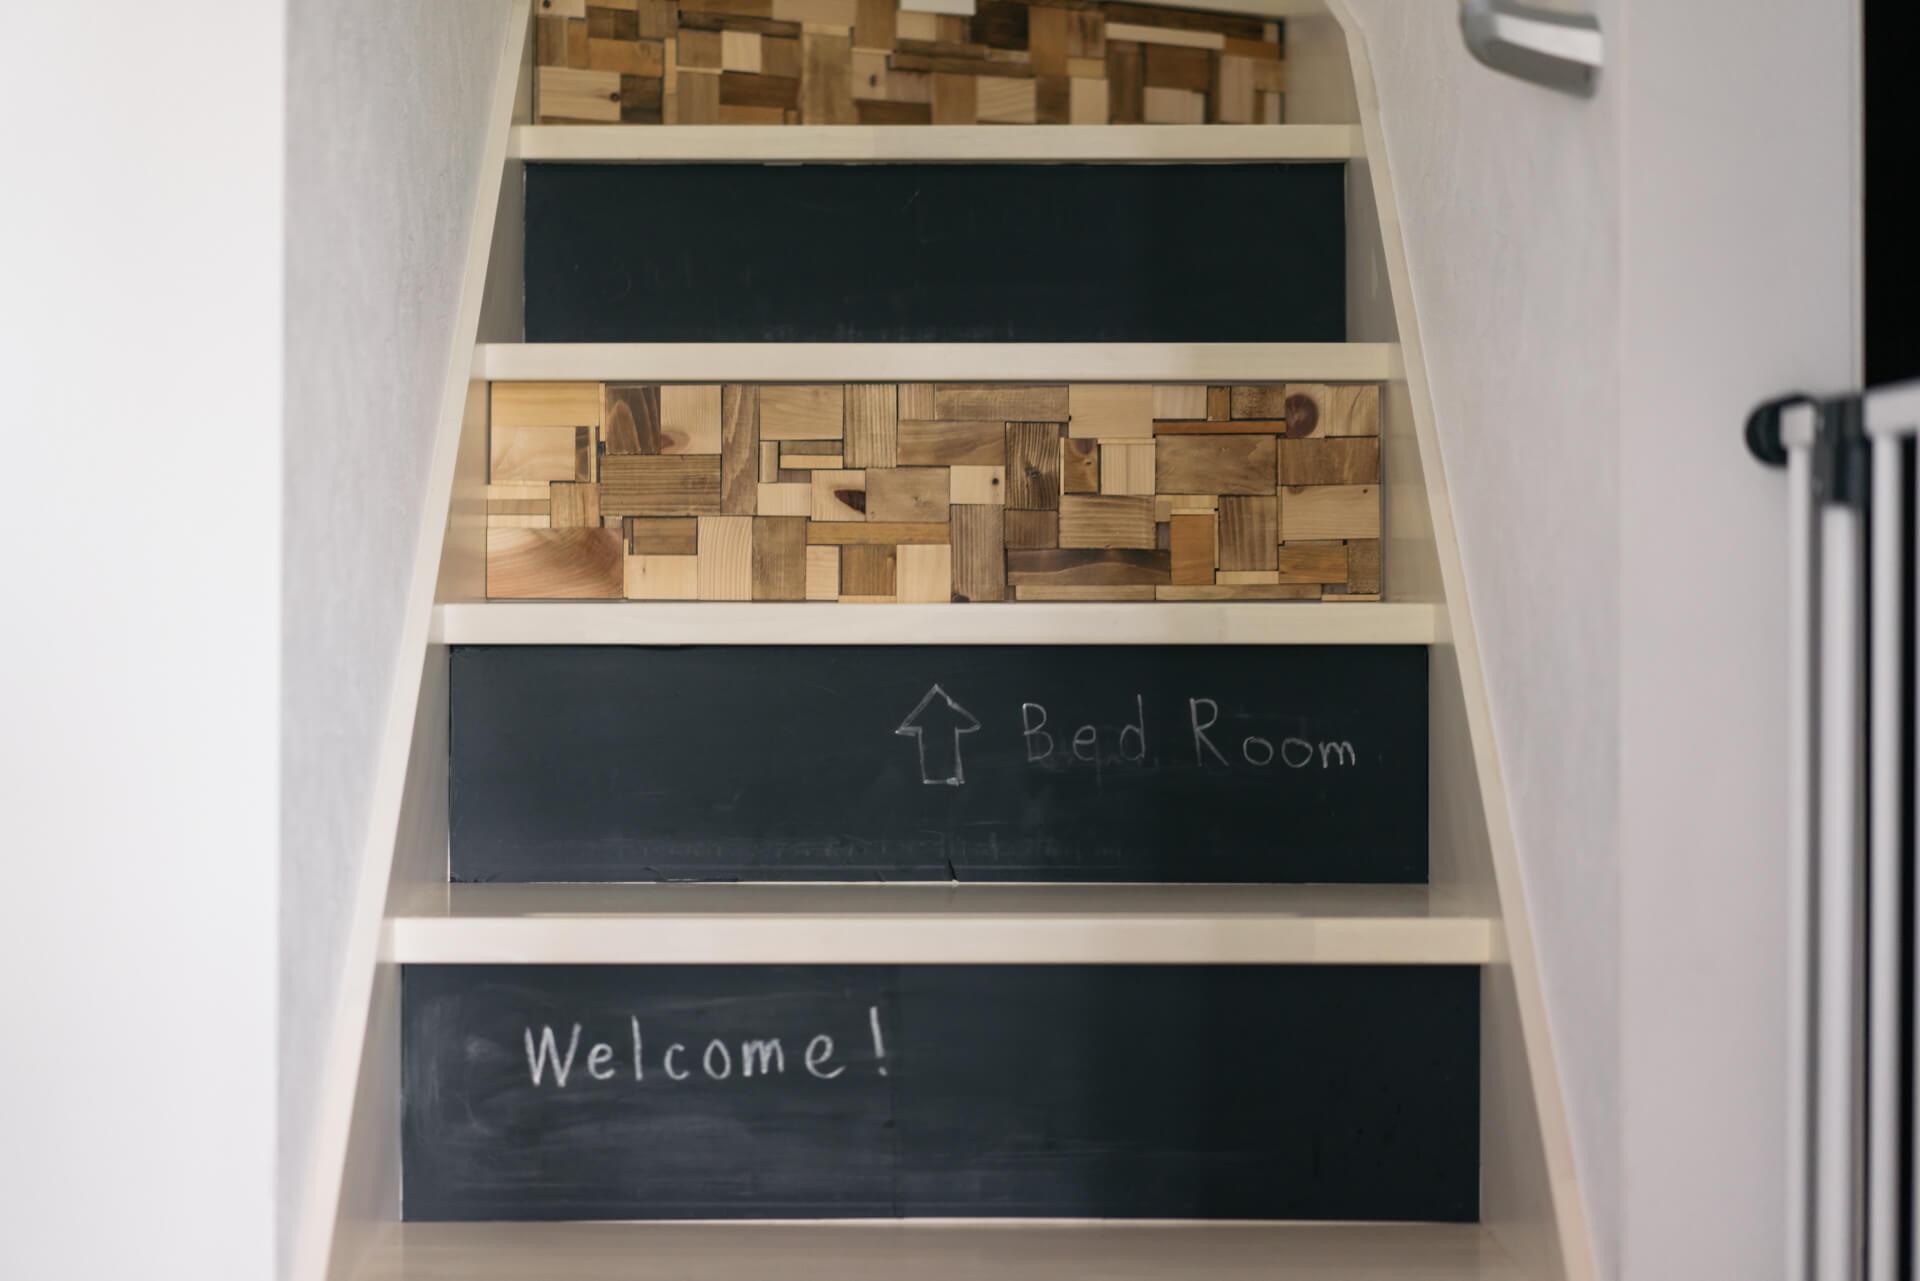 階段には、板をはめこんで黒板塗装&板を貼り付けてカスタマイズ。Welcome! のサインに誘われて、2階へと上がってみました。